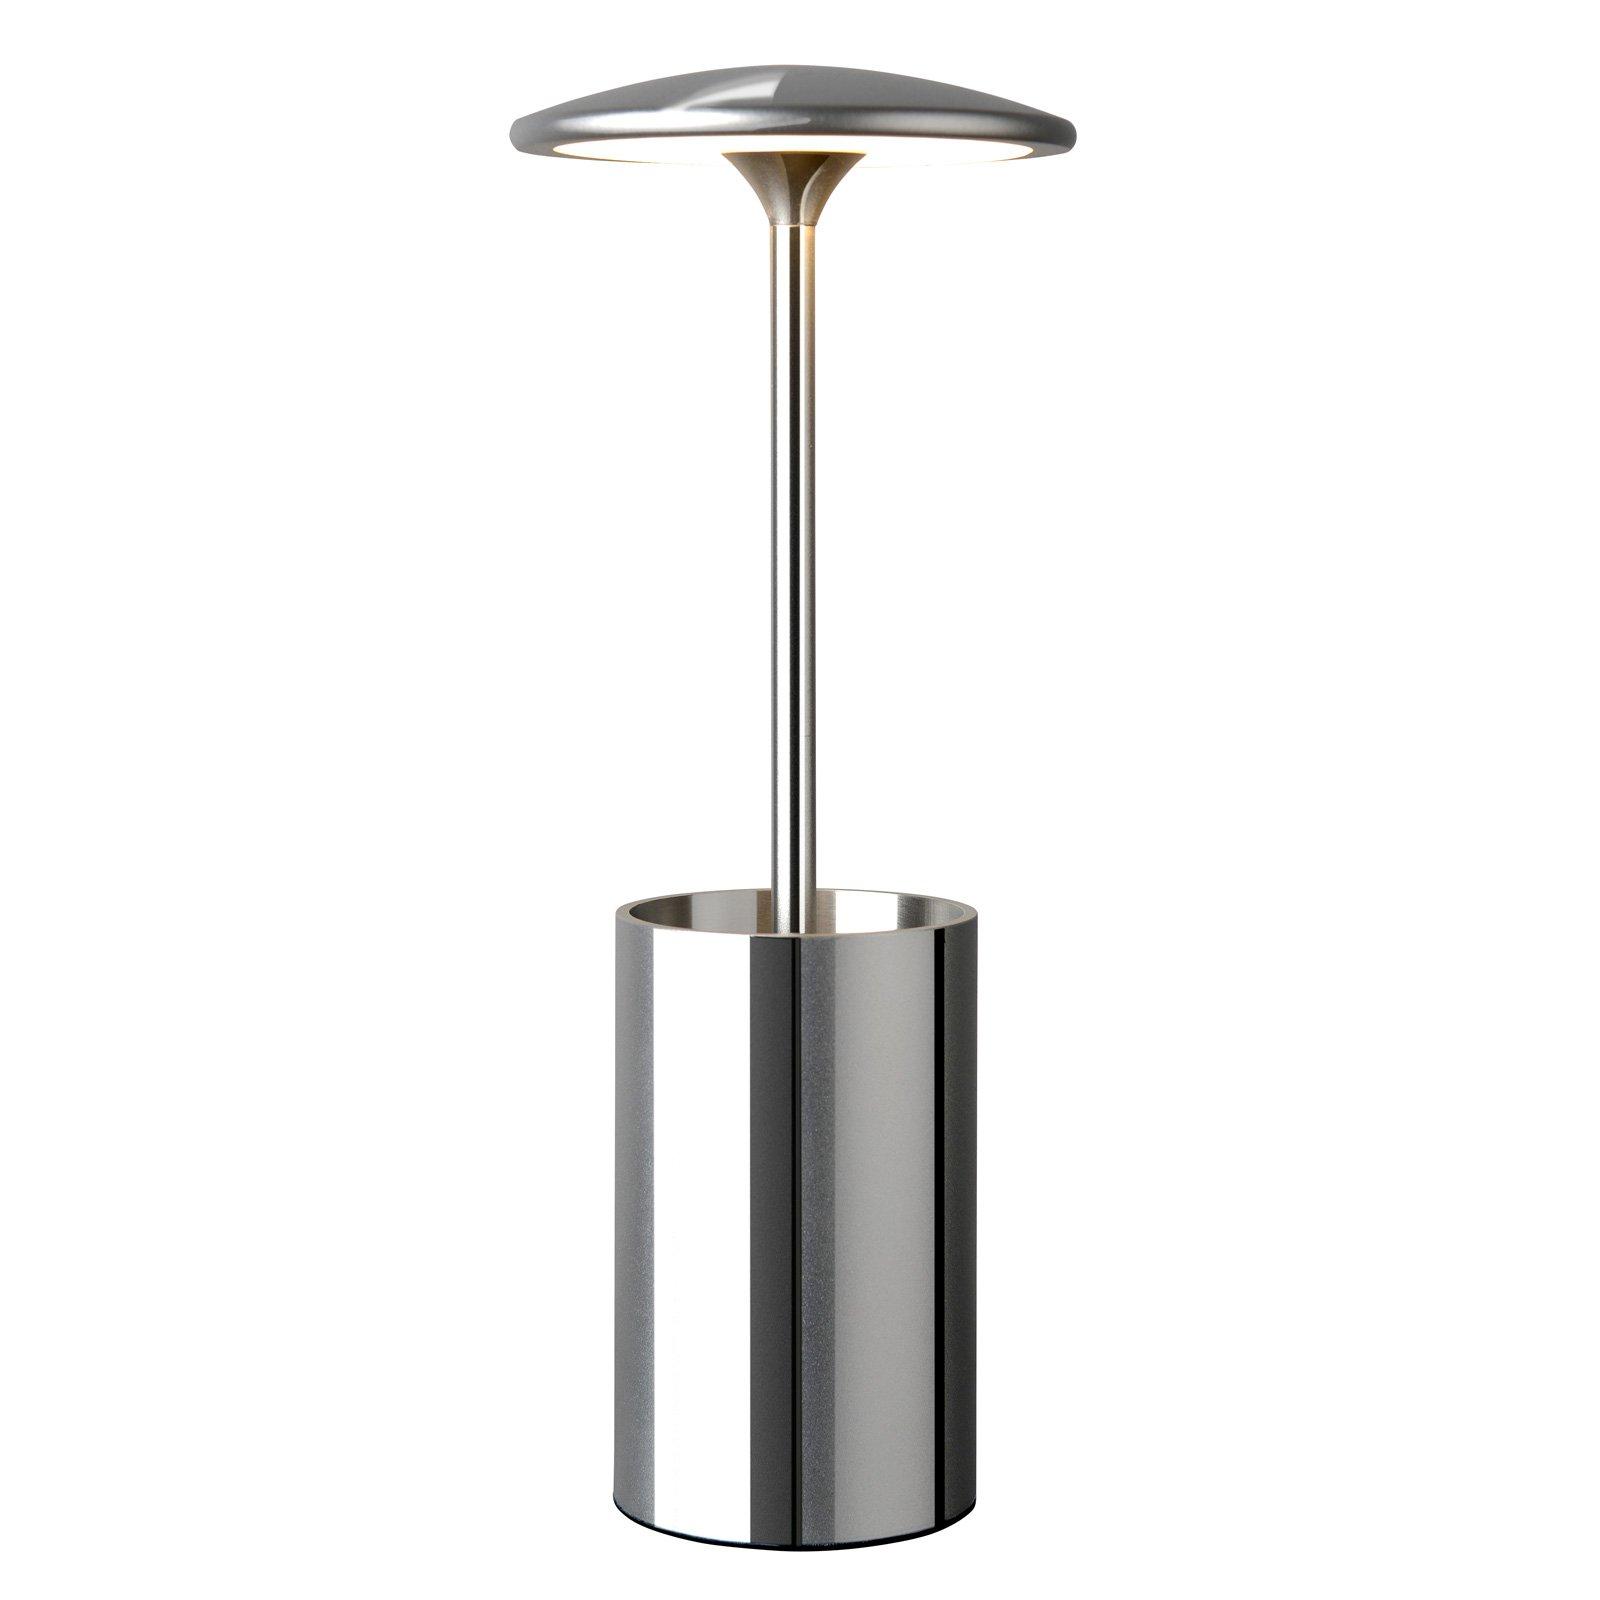 LED-bordlampe Pott med beholder, krom